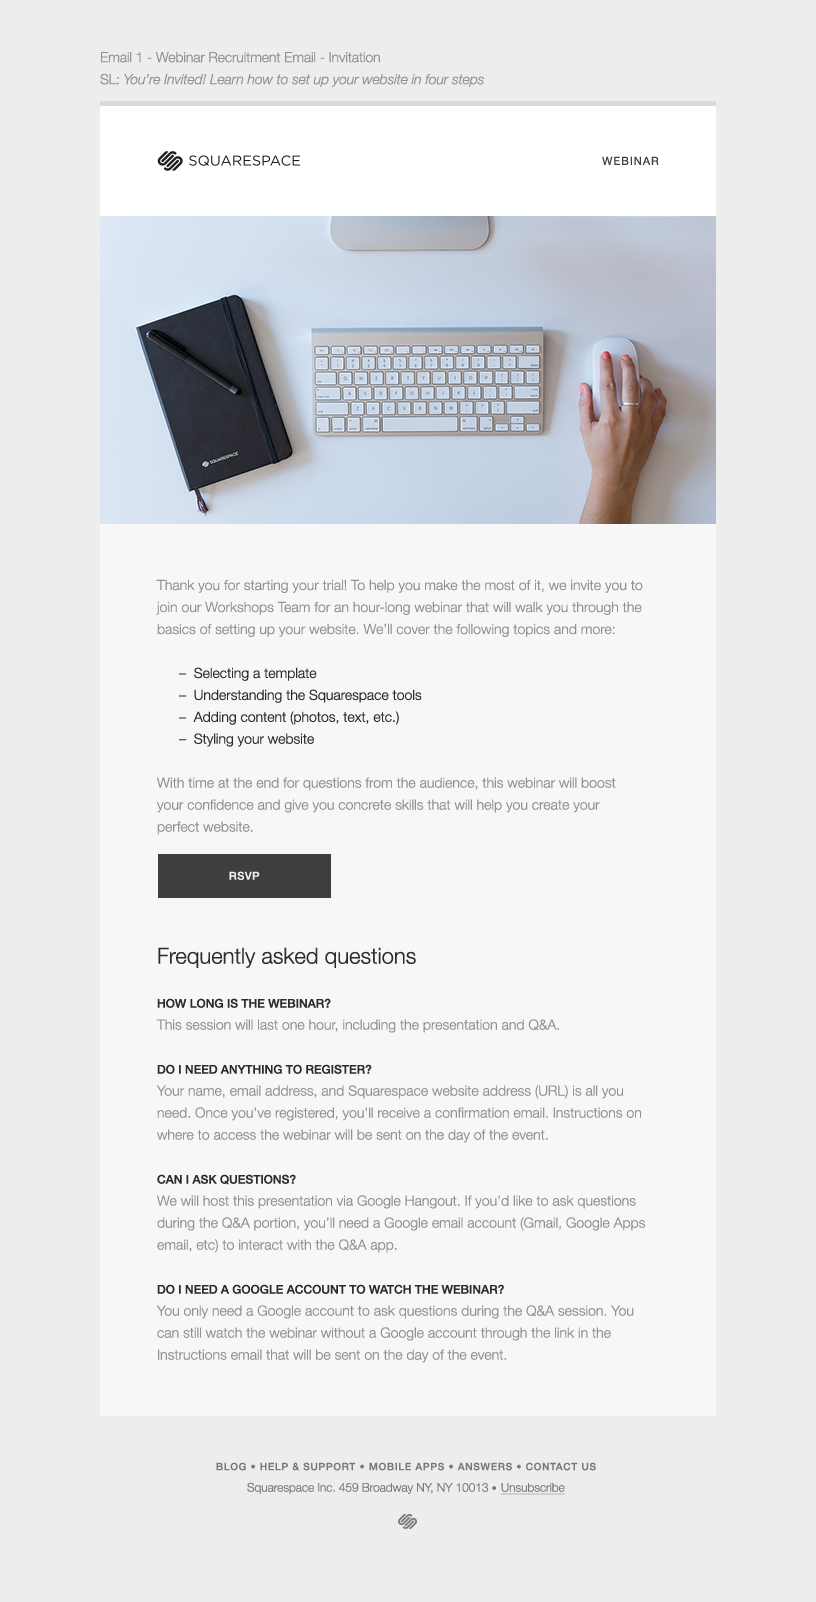 webinar-email-1-v2.jpg